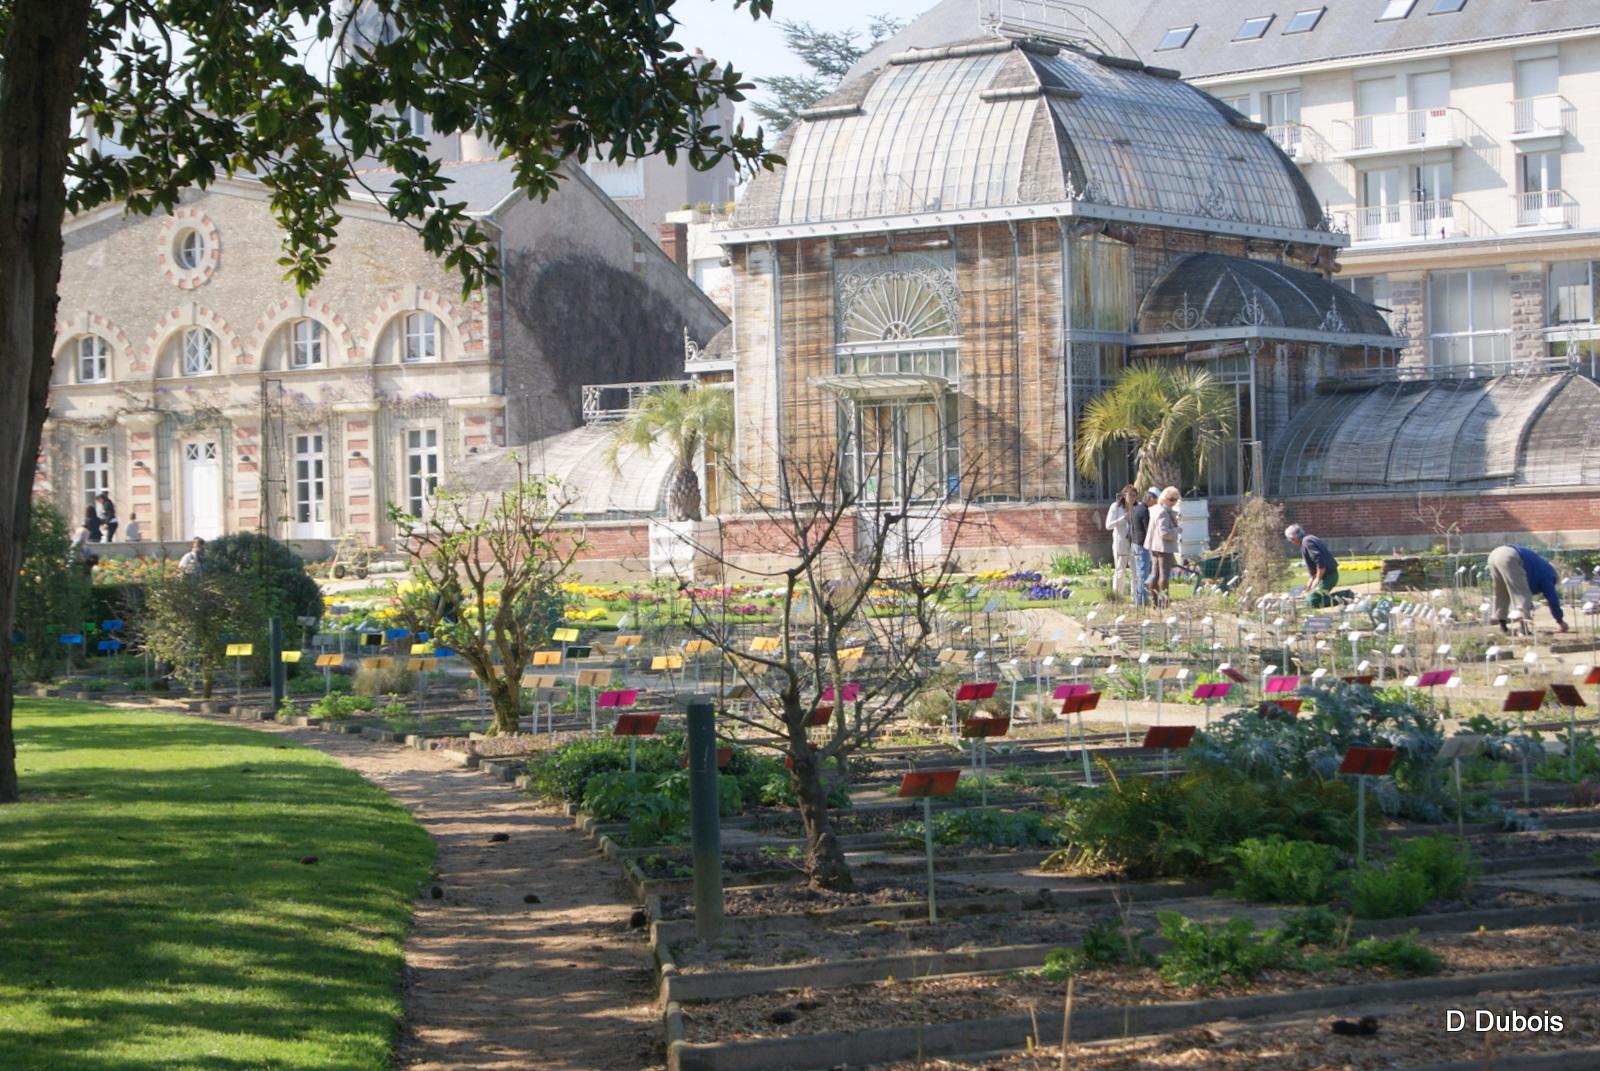 Le jardin des plantes de nantes d tours de france for Le jardin des 5 sens nantes